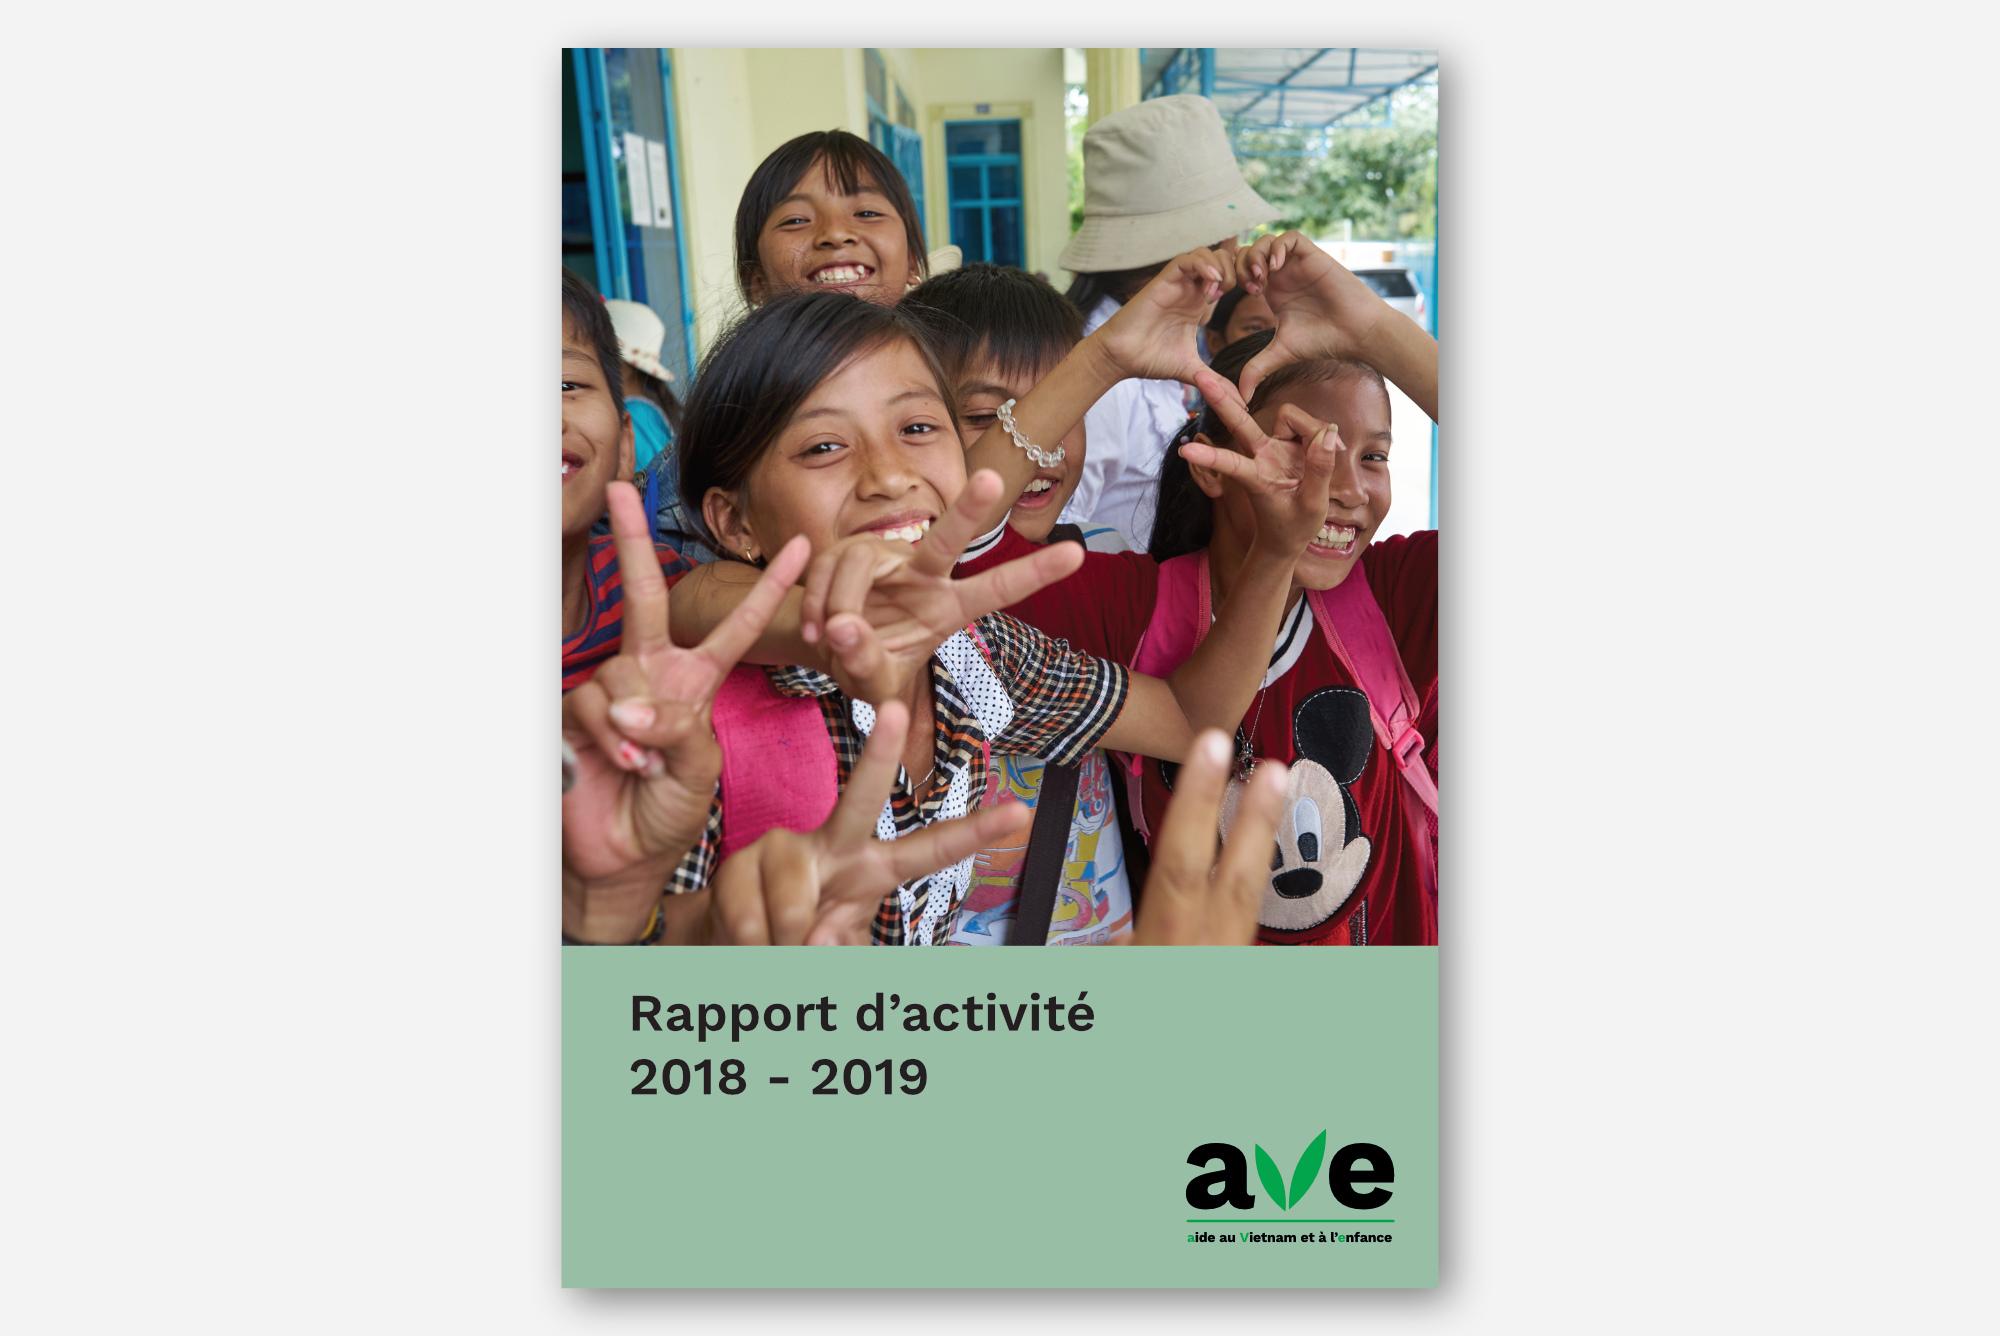 Couverture du rapport d'activité 2018-2019